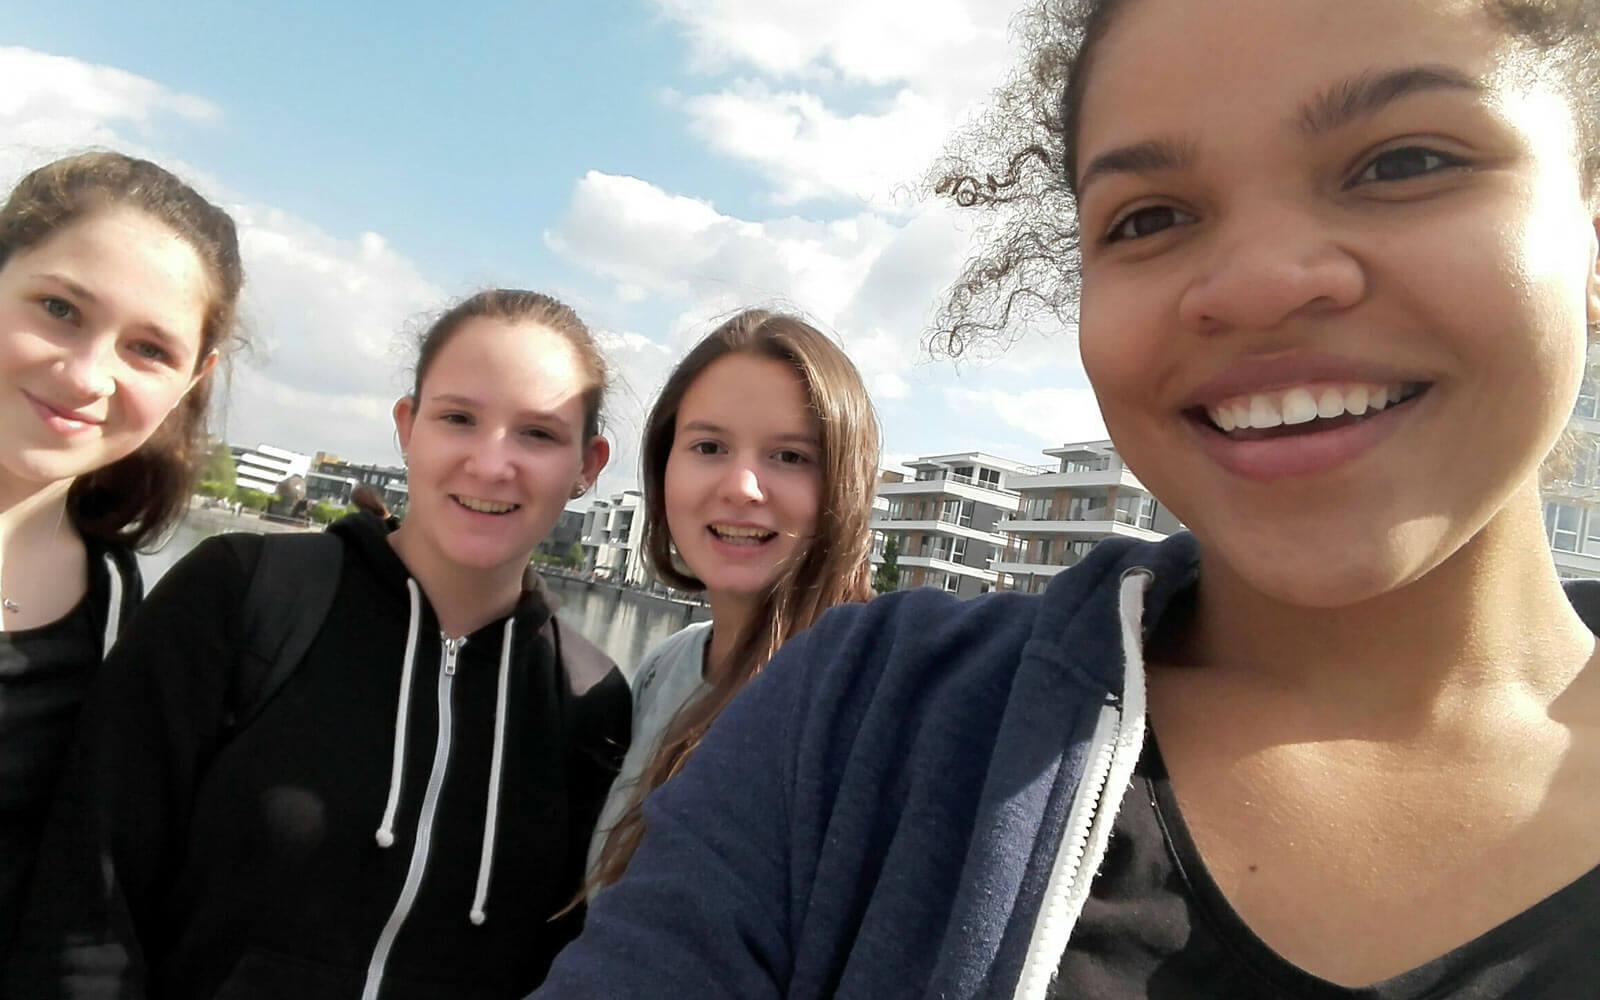 Fabienne unterwegs mit ihren Freundinnen